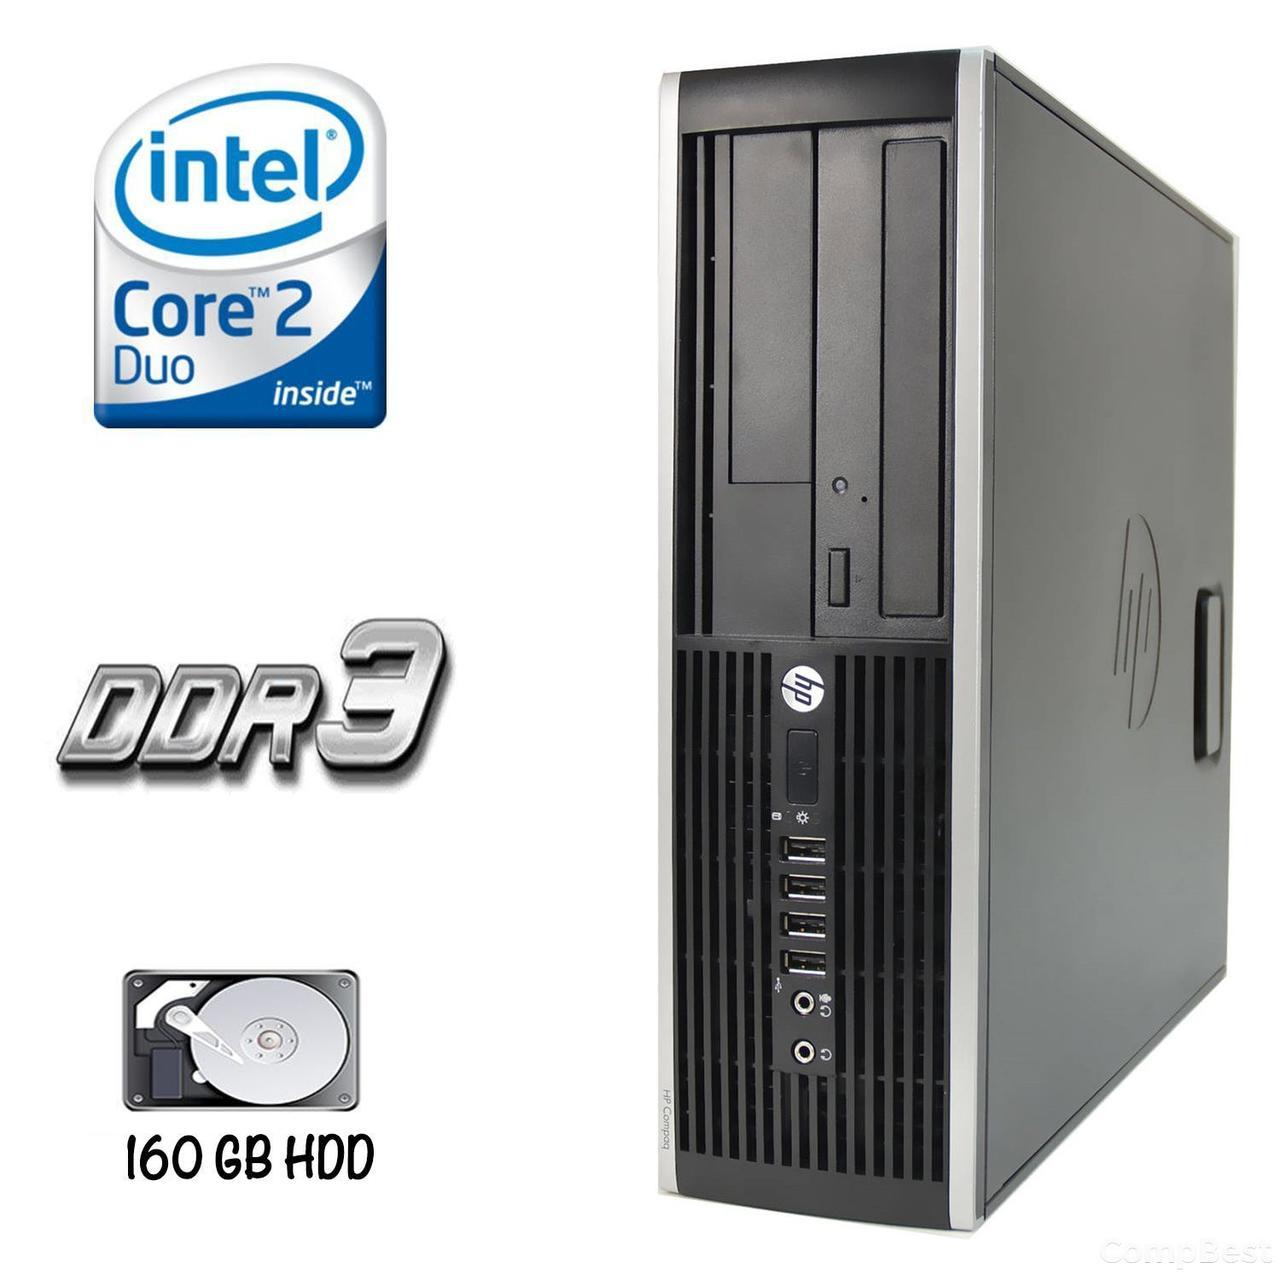 HP 6000 Pro SFF / Intel Core 2 Duo E7500 (2 ядра по 2.93GHz) / 4 GB DDR3 / 160 GB HDD